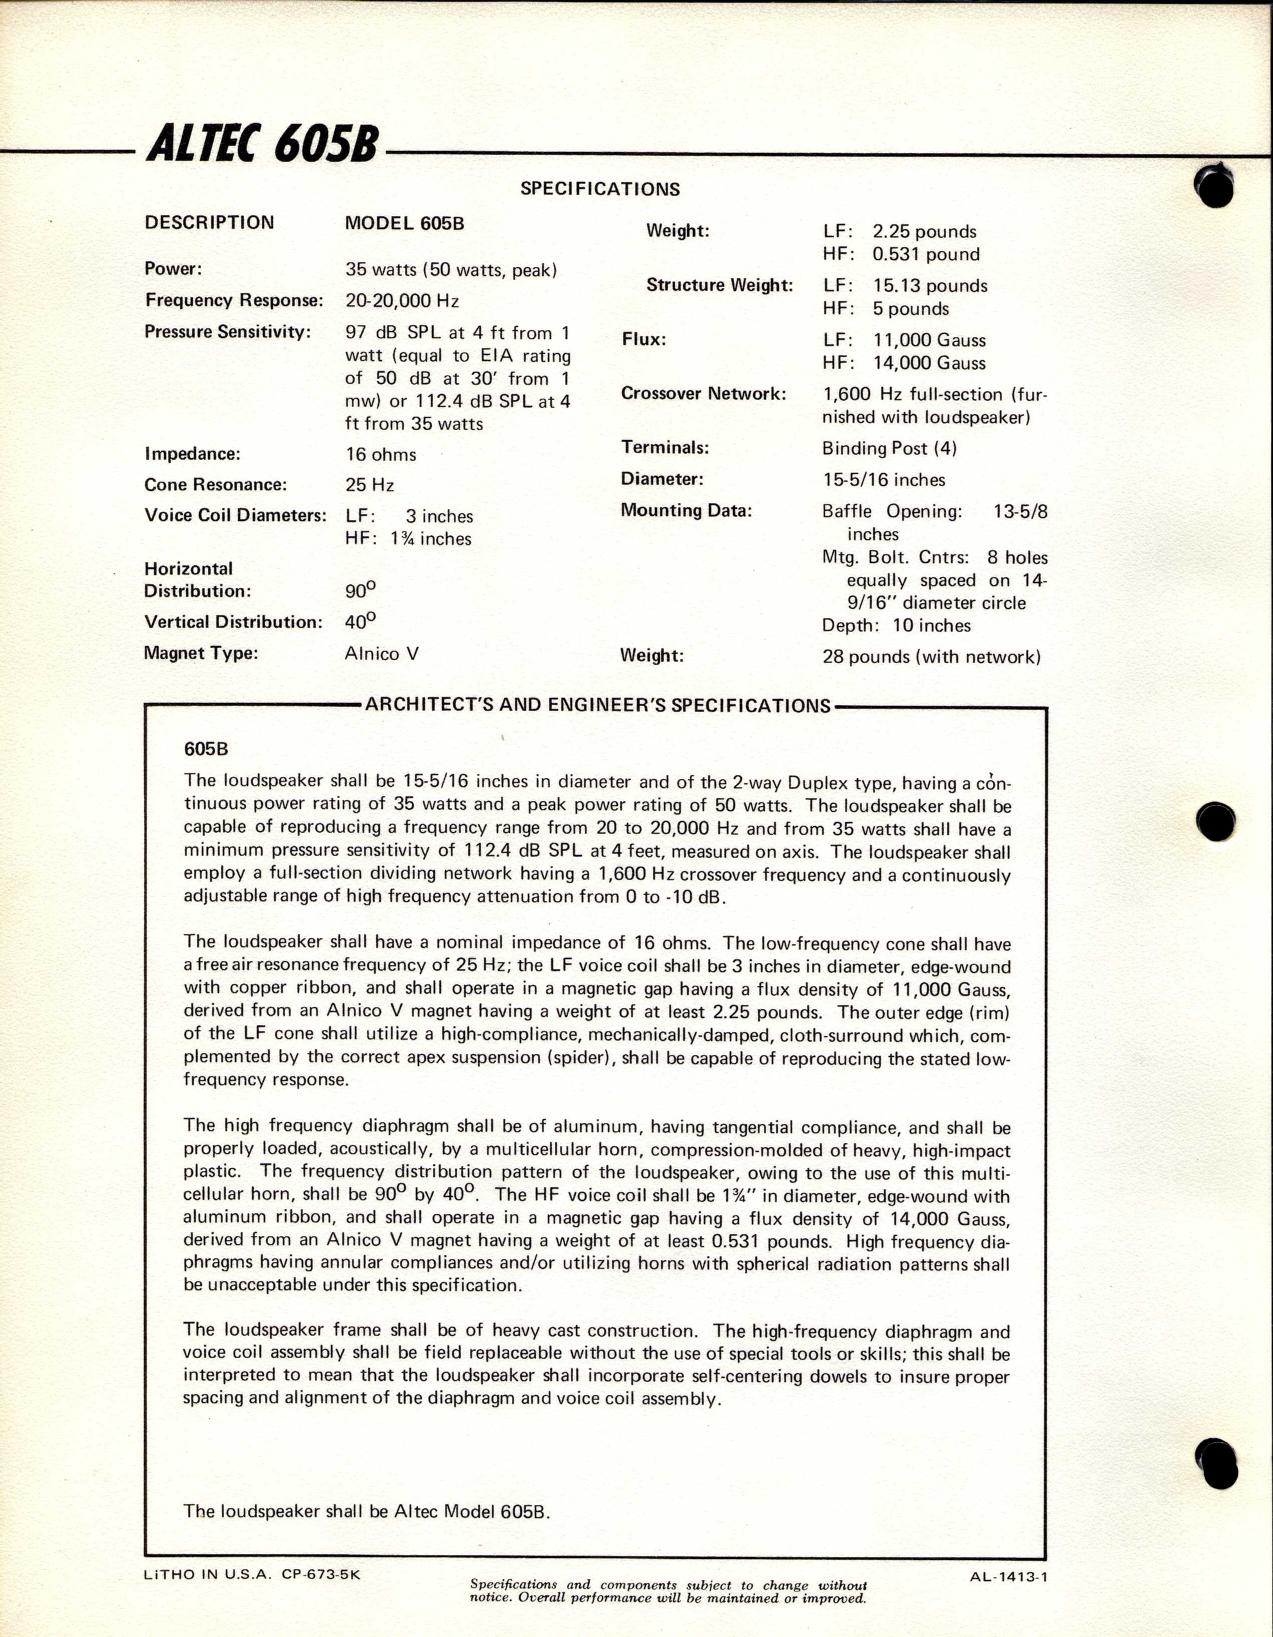 Altec Lansing 605B Users Manual